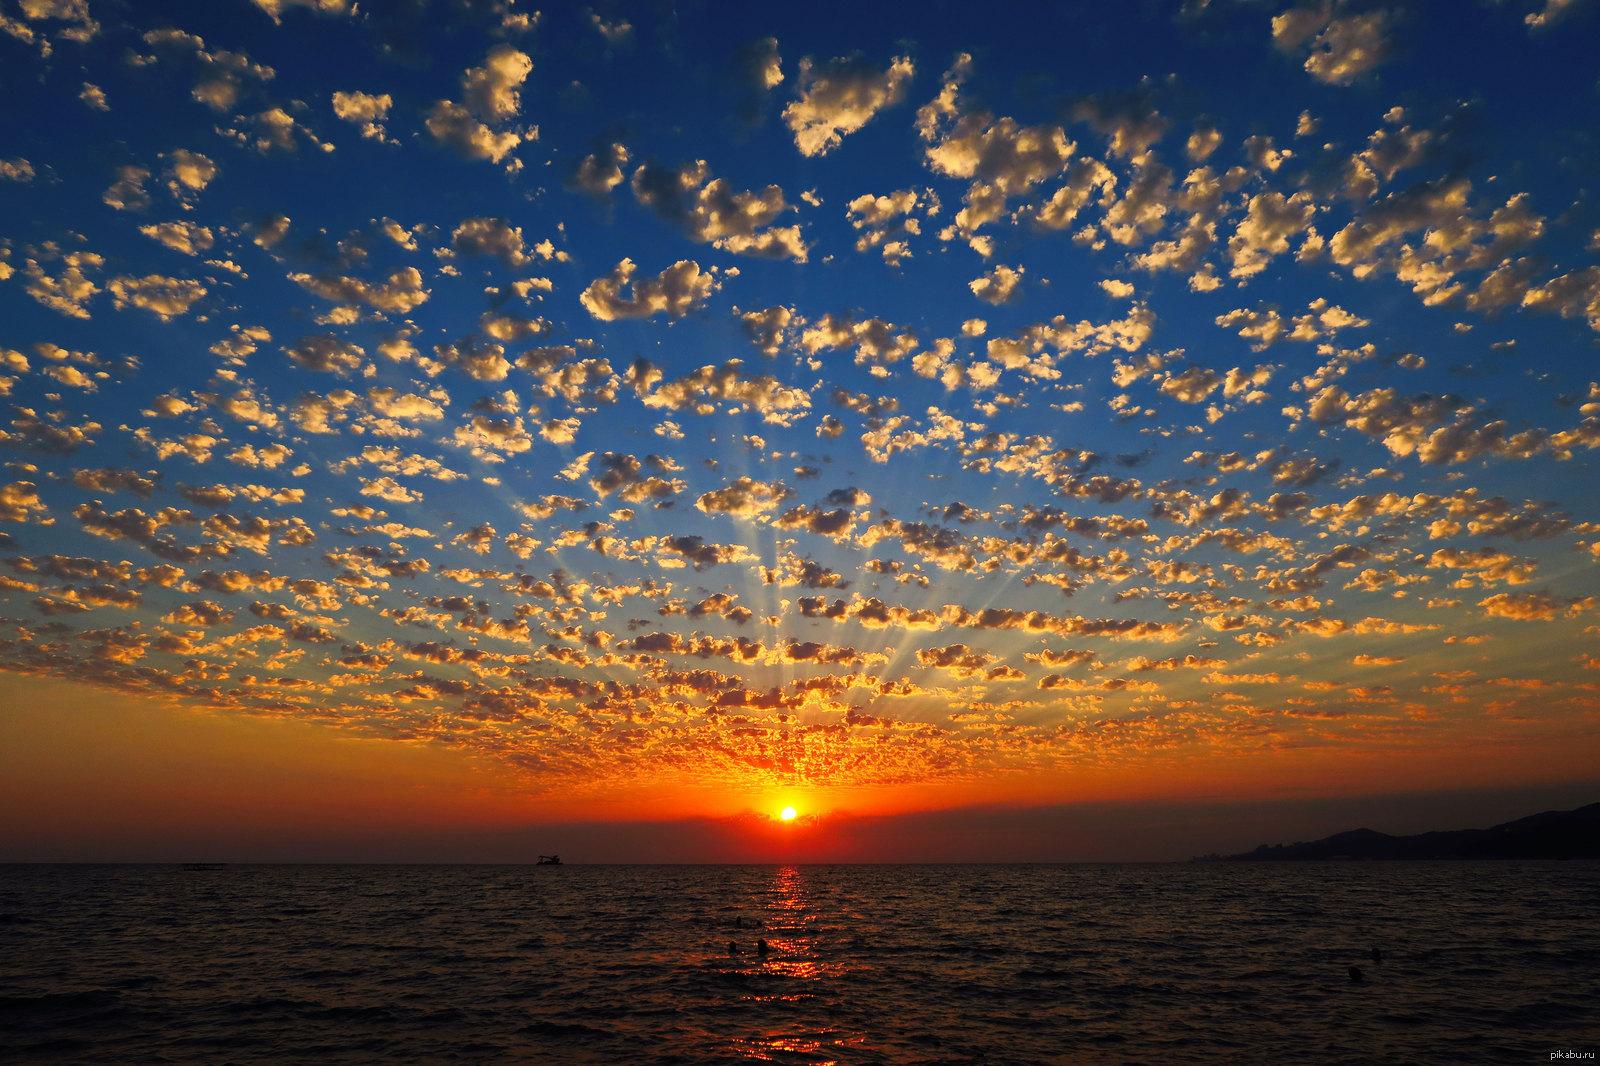 Картинка на закате